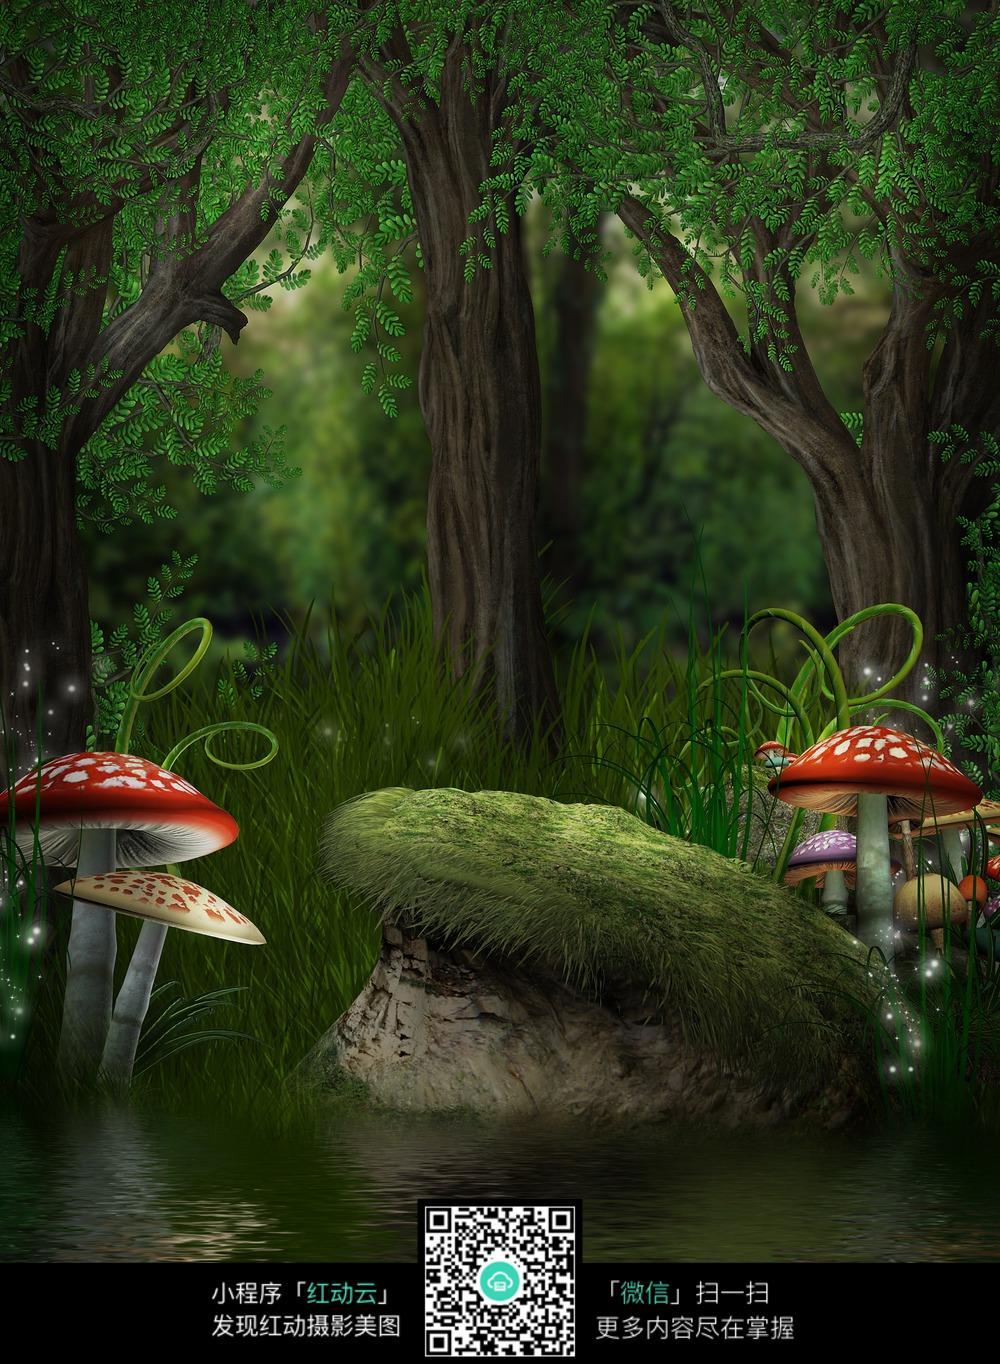 森林蘑菇雪景背景图片_道路摄影图片_红动手机版